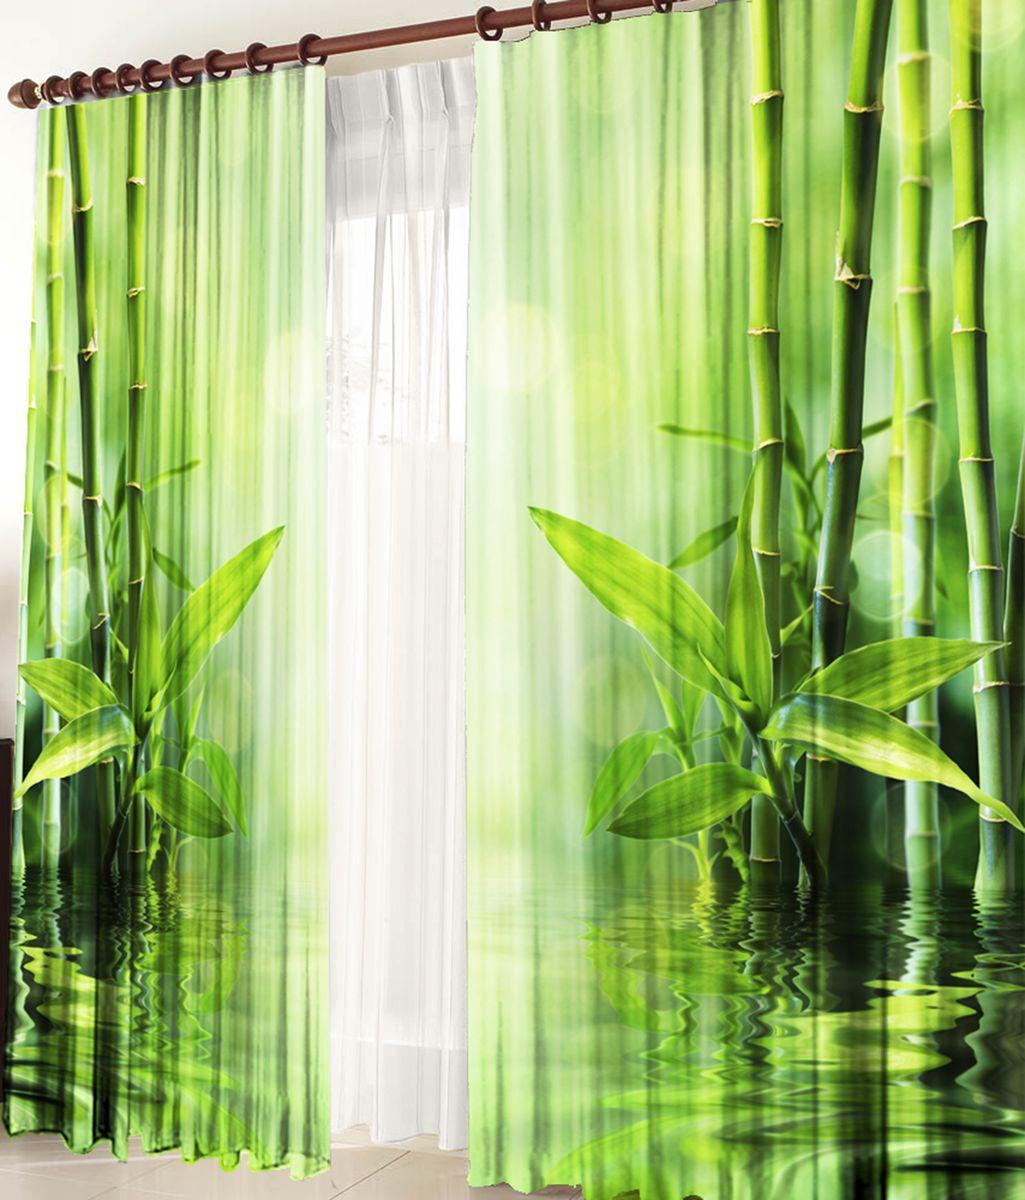 Комплект фотоштор Zlata Korunka Тростник, на ленте, высота 270 см21237Комплект фотоштор Zlata Korunka изготовлен из габардиновой ткани высочайшего качества. Фотошторы способны не пропускать самый яркий свет, их можно гладить и стирать. Рекомендации по уходу: бережная стирка при 30°С, деликатный отжим, отбеливание запрещено, гладить при температуре не более 150°С. Светопоглощение 70%. Плотность ткани: 150 г/м2. Оттенок изделия может отличаться от представленного на сайте в силу особенностей цветопередачи фототехники и вашего монитора.